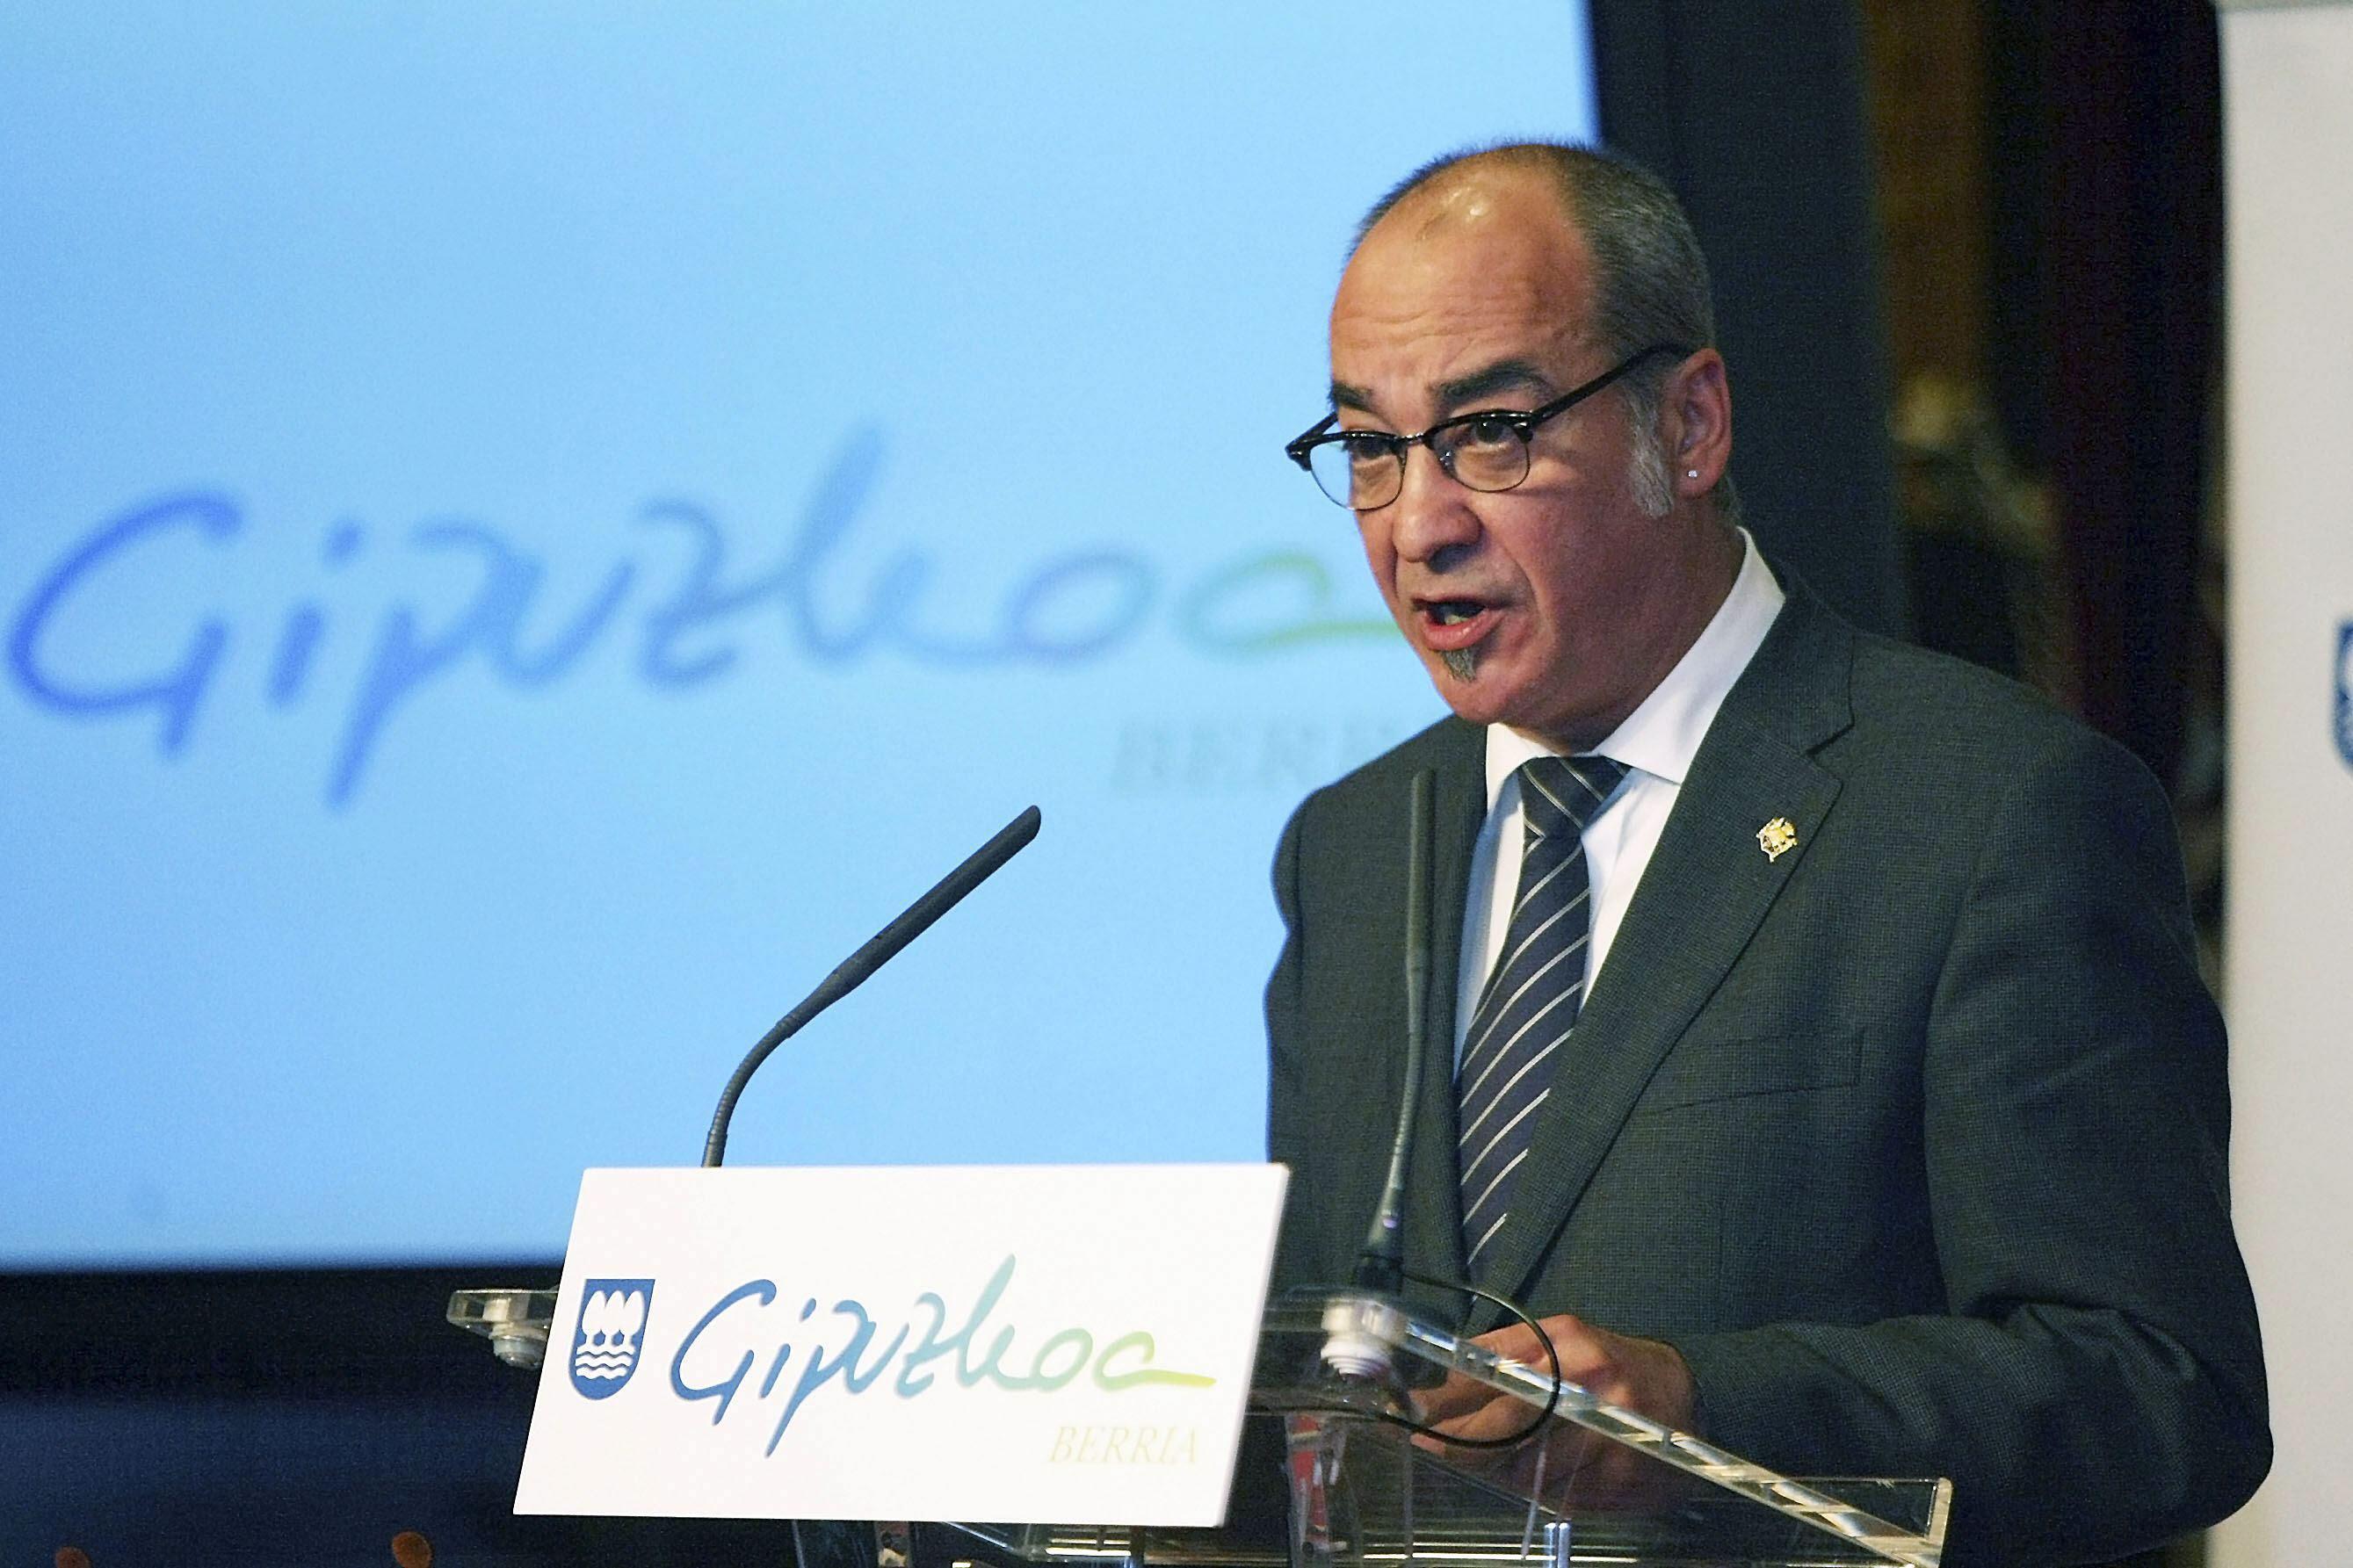 Garitano recibe a dos «ciudadanos» detenidos en la operación contra Herrira